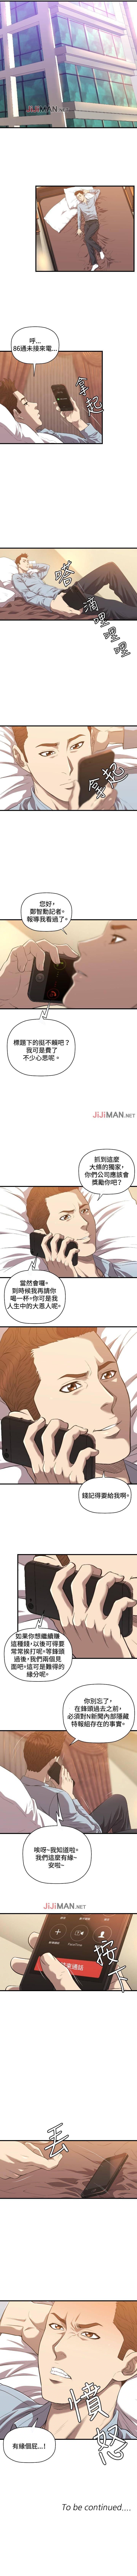 【已完结】索多玛俱乐部(作者:何藝媛&庫奈尼) 第1~32话 102